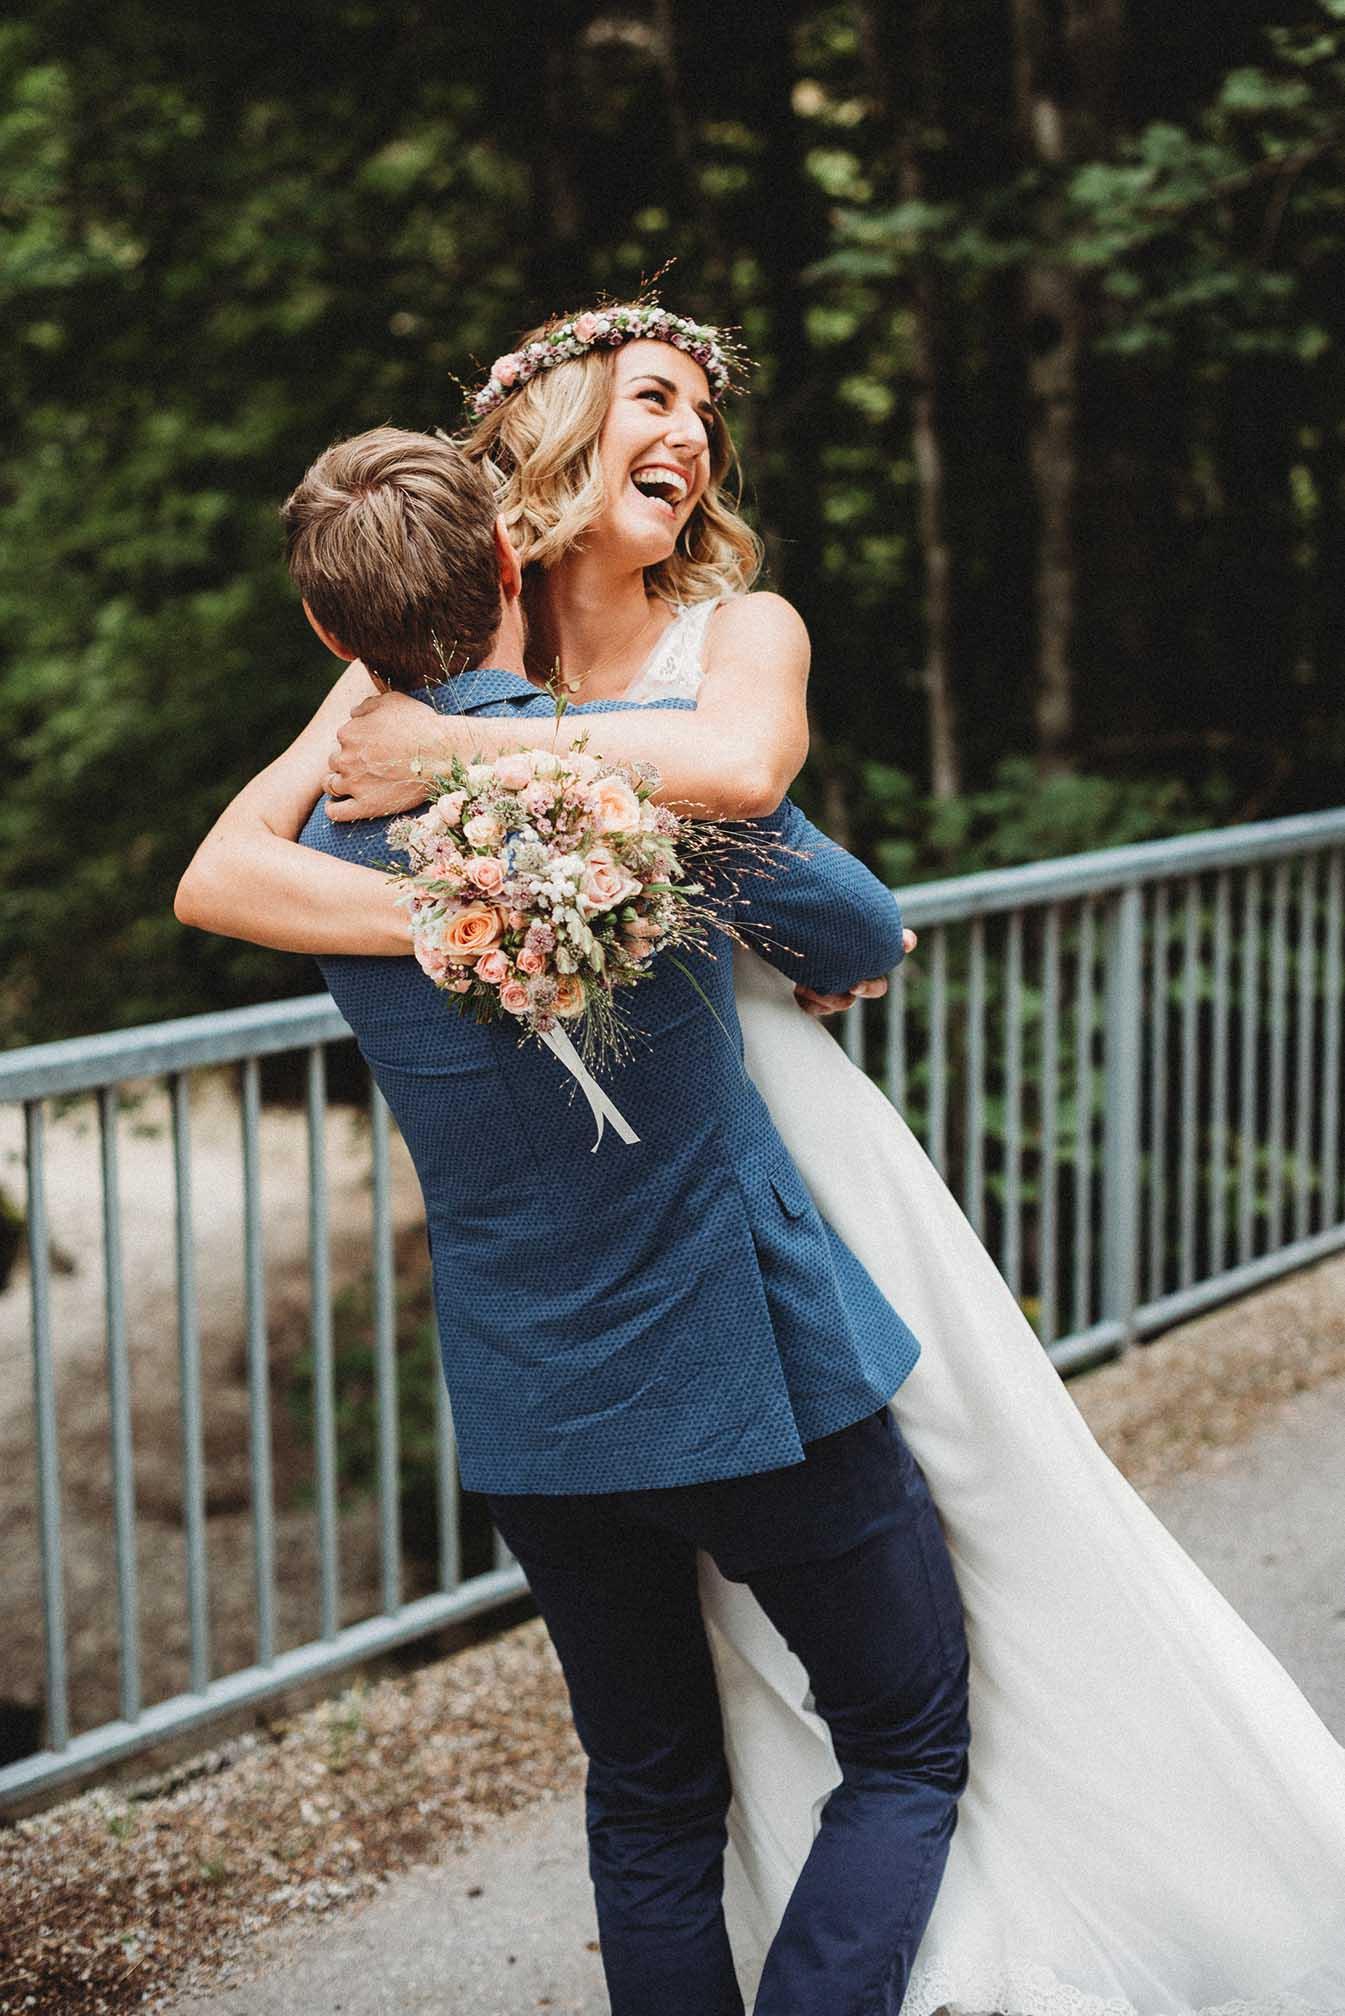 Hochzeitsfotograf Michael Nussbaumer